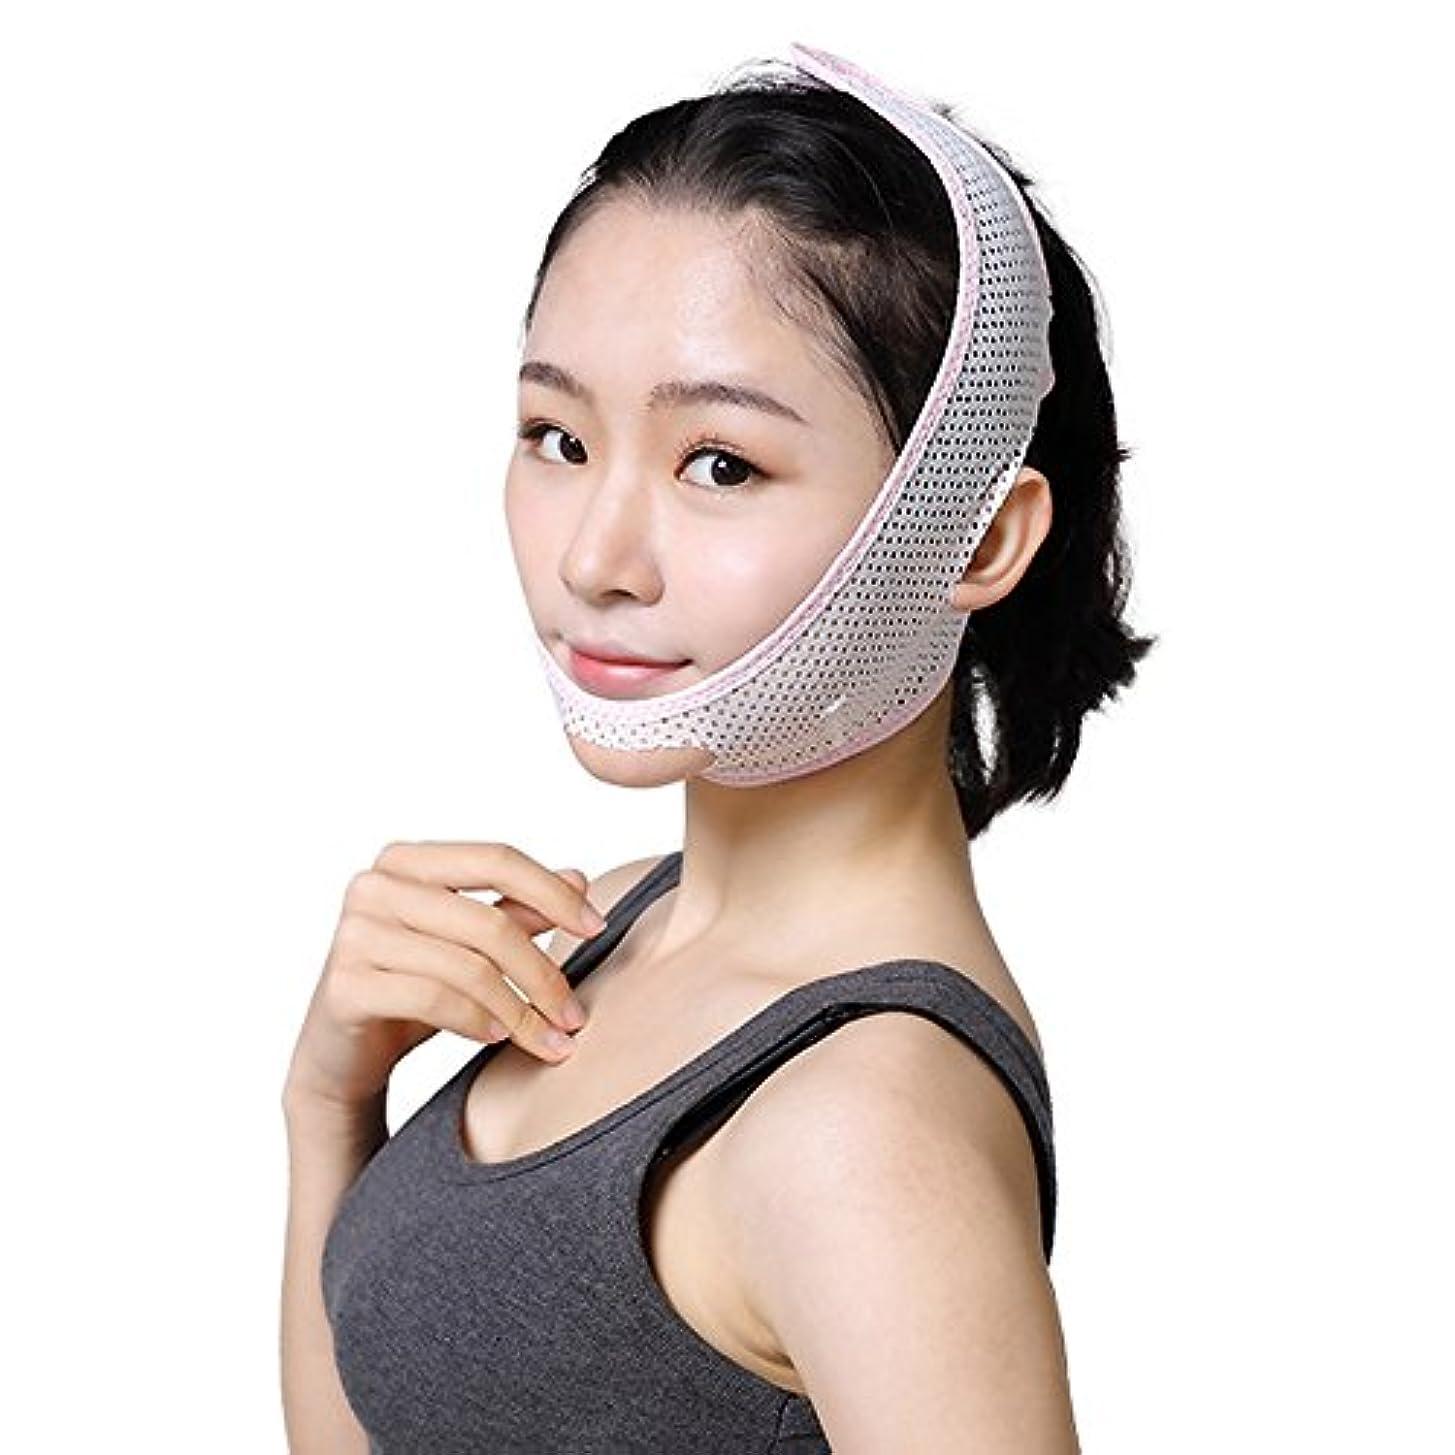 掃く公平なコンピューターを使用するMOECAT 小顔ベルト 美顔 小顔マスク 顔痩せ 顎サポーター 法令線予防 リフトアップベルト いびき防止 フェイスベルト (M, ホワイト)